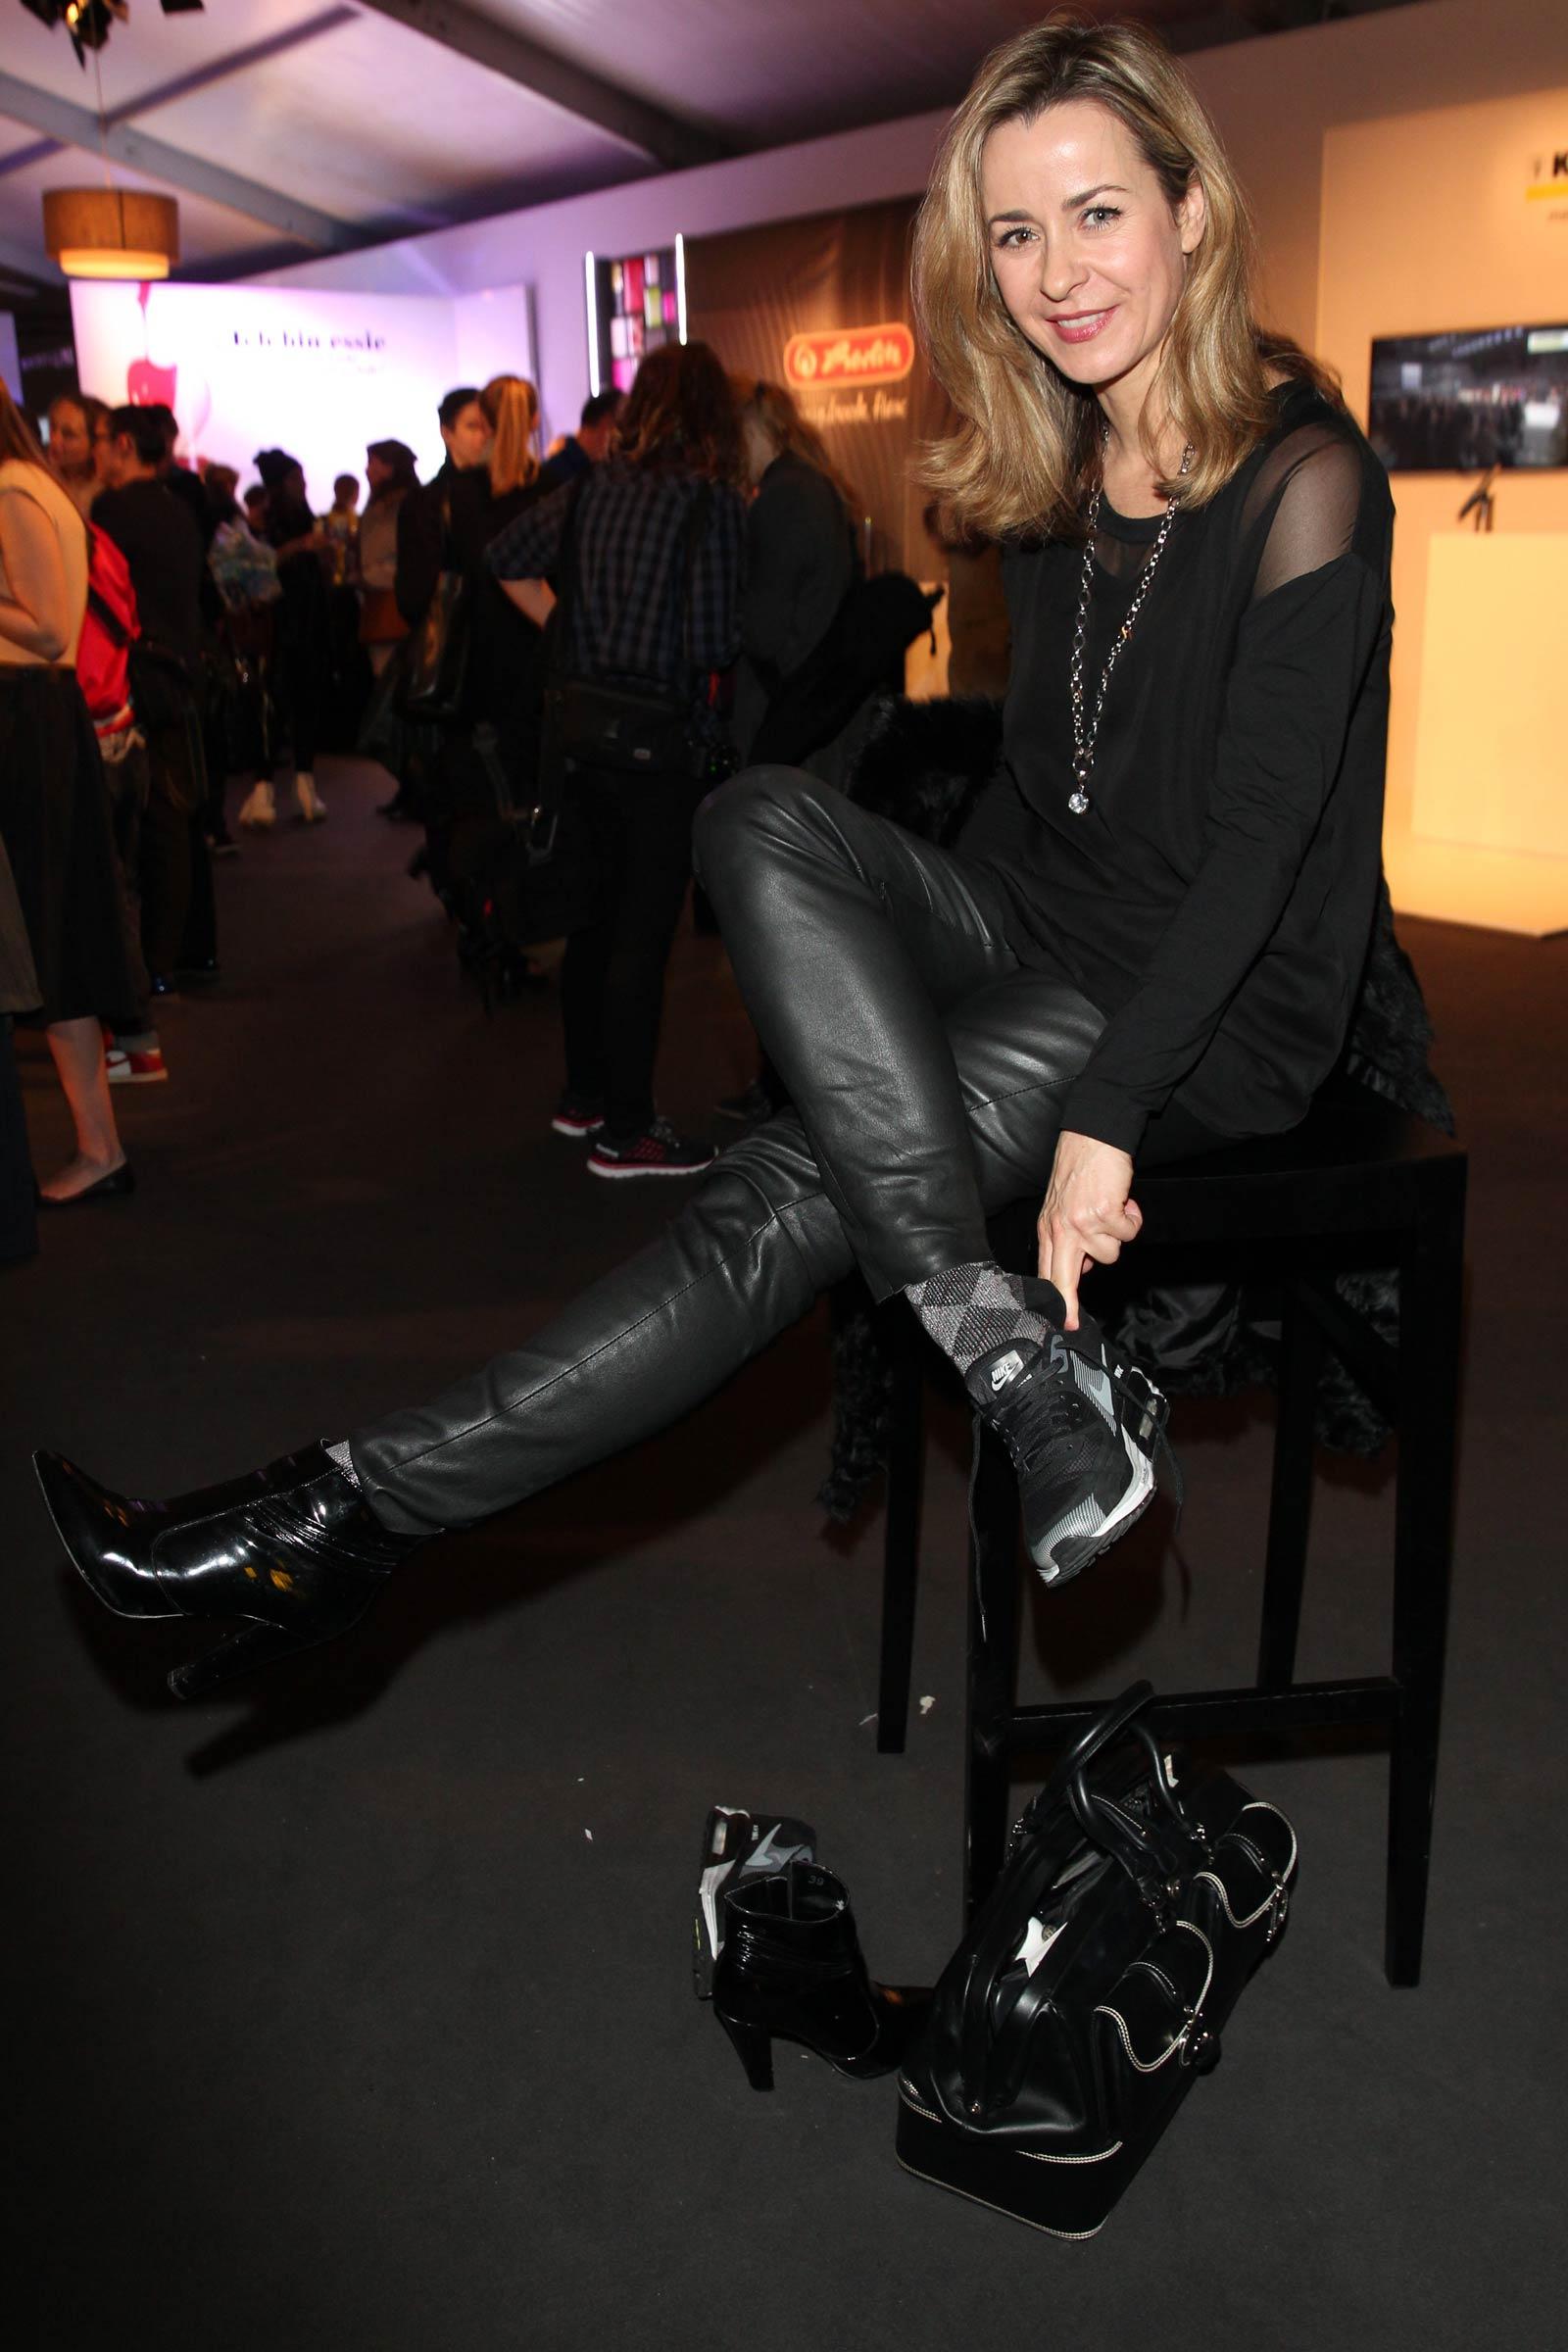 Bettina Cramer attends Mercedes-Benz Fashion Week